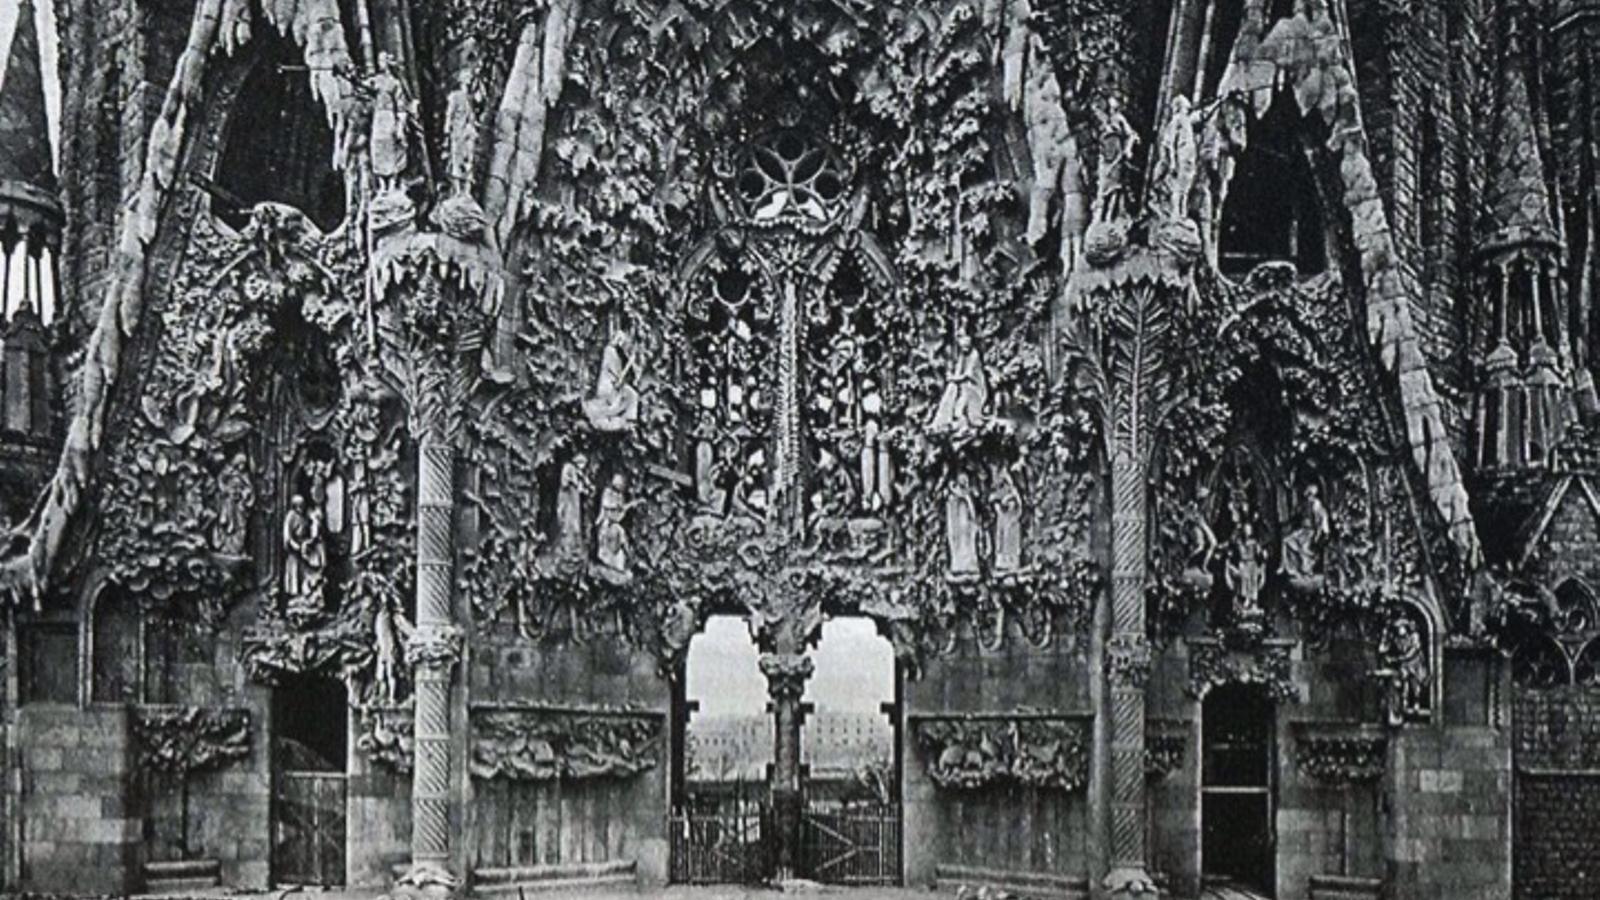 Façana del Naixement de la Sagrada Família, construïda per Gaudí abans de morir, amb la seva materialitat imperfecta i quasi geològica, s'oposa a la despullada i perfecta geometria de la nova construcció, amb un simbolisme naïf impropi de Gaudí